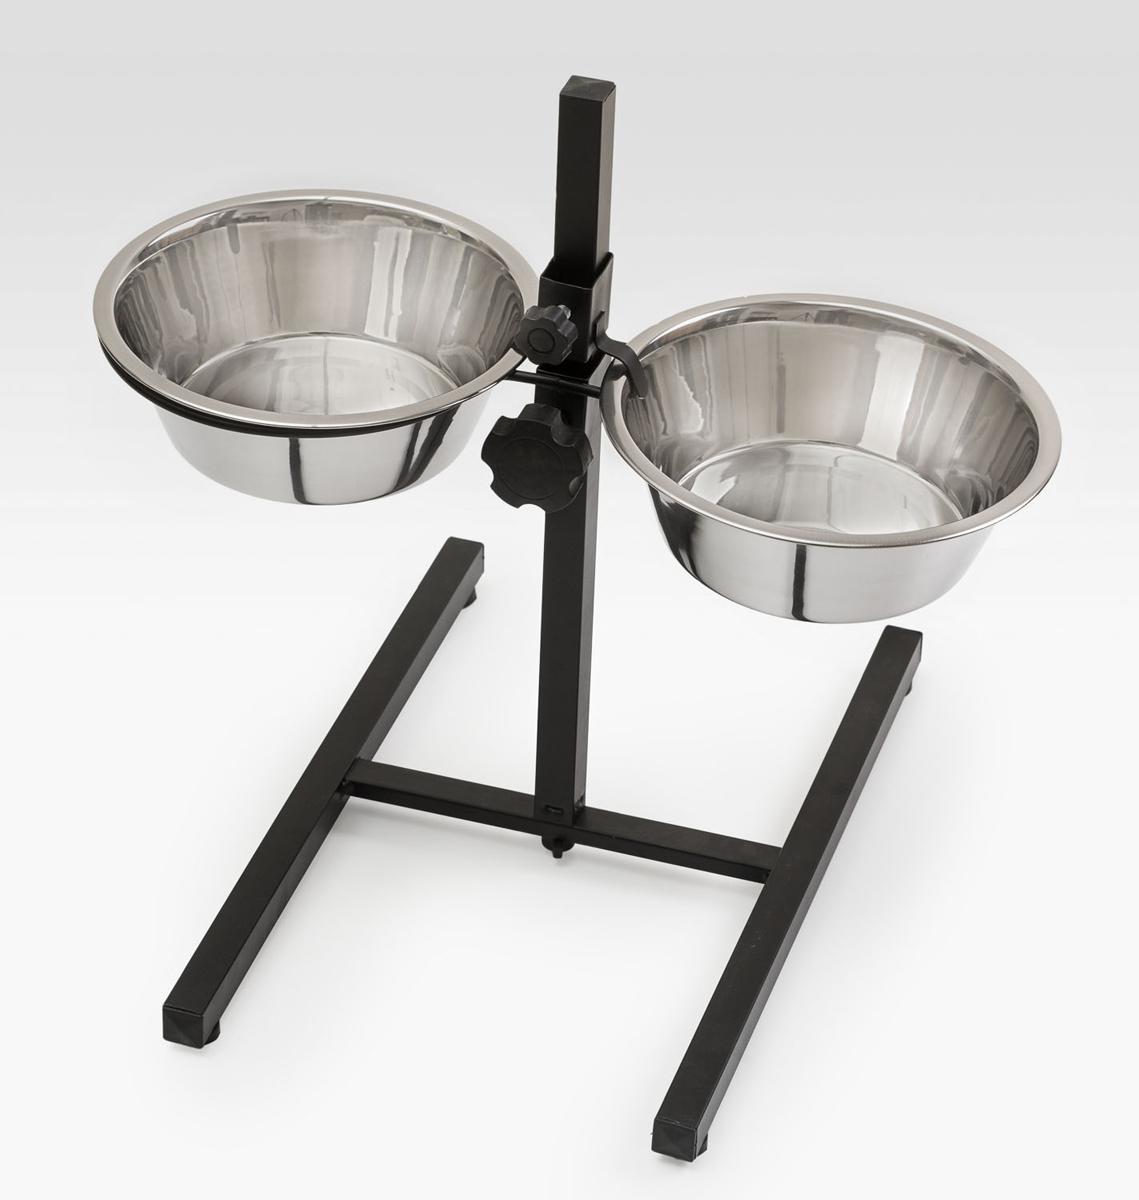 Миска для собак VM Double Diner, двойная, с телескопической подставкой, 2 х 0,75 л3165Двойная миска VM Double Diner - это функциональный аксессуар для собак. Изделия выполнены из высококачественного металла. Разборная телескопическая подставка позволяет регулировать оптимальный уровень миски по росту питомца, способствуя правильному развитию скелета, осанки и улучшению пищеварения. Миски легко моются. Ваш любимец будет доволен!